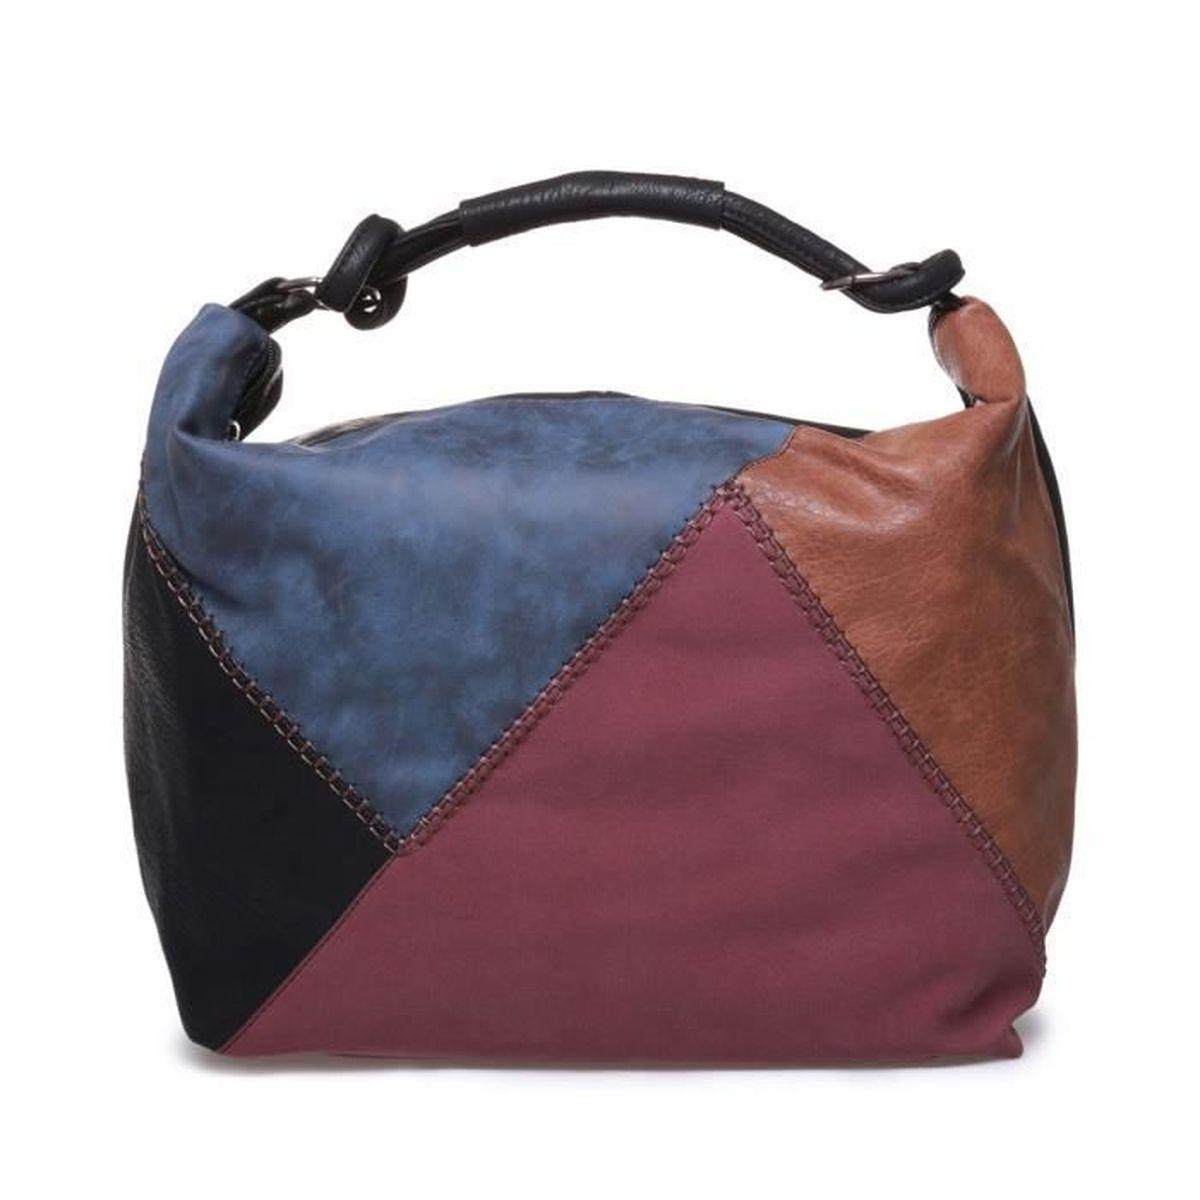 la modeuse sac cabas souple aspect cuir femme u noir achat vente sac shopping. Black Bedroom Furniture Sets. Home Design Ideas